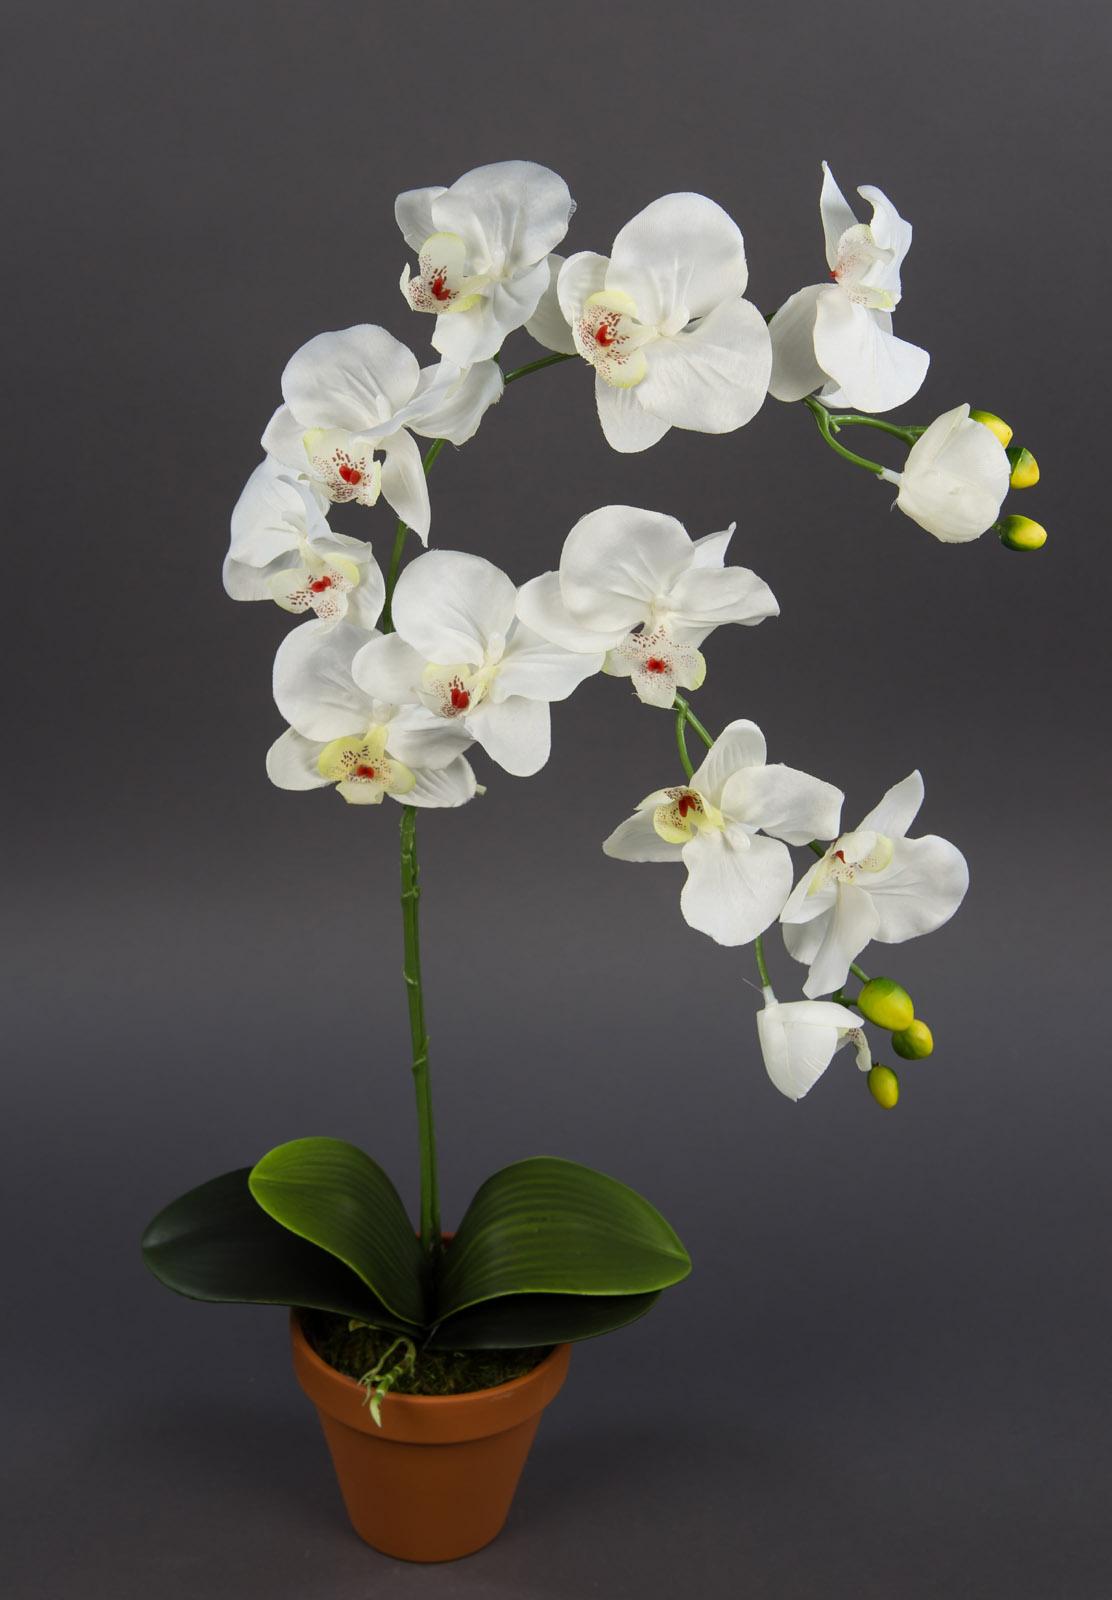 orchidee 65cm wei creme dp kunstblume k nstliche blumen. Black Bedroom Furniture Sets. Home Design Ideas